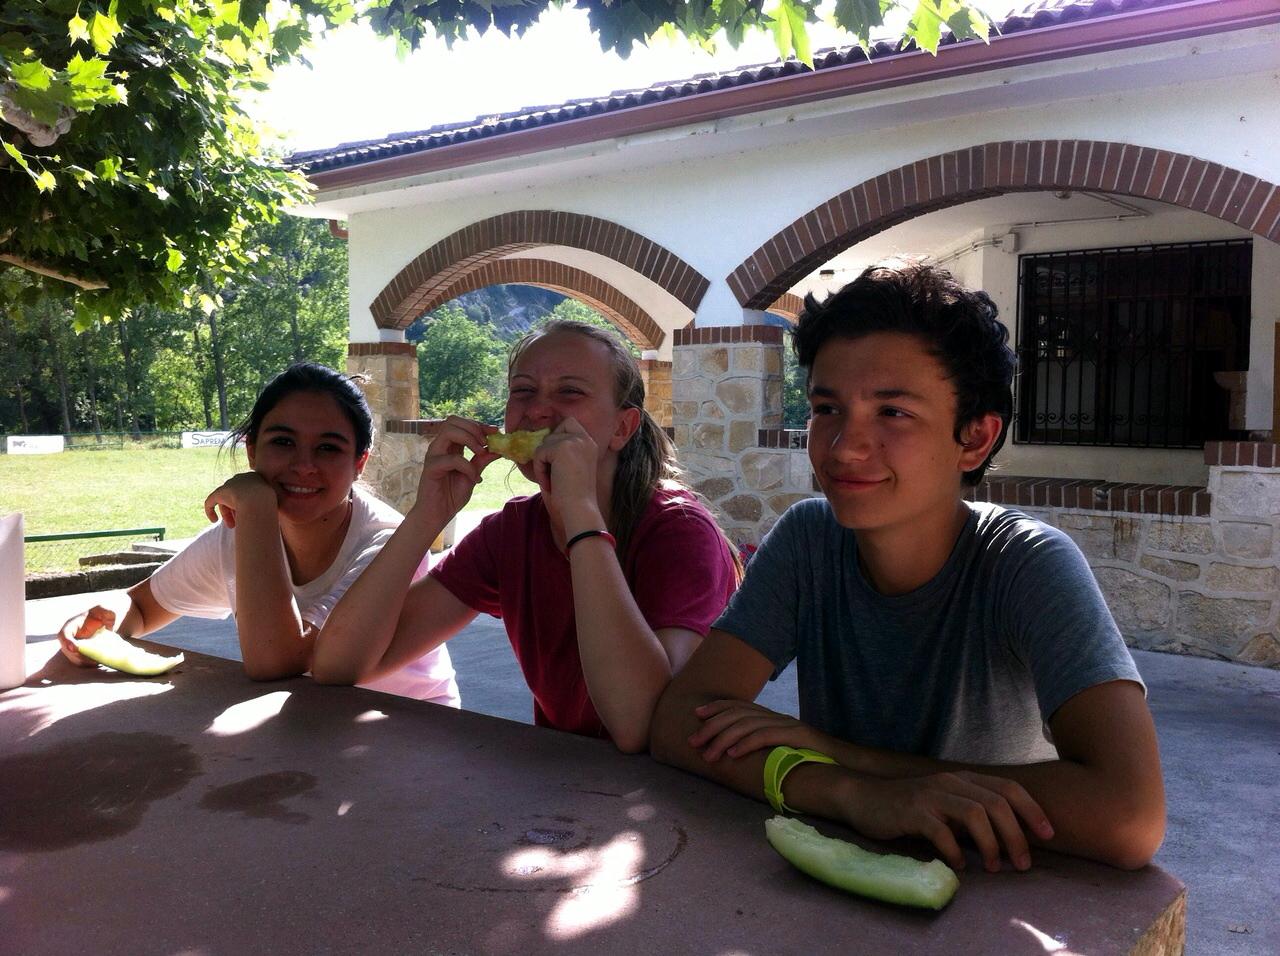 Campamento de verano Multiaventura en Navarra España niños adolescentes jóvenes Grupo Joven instalaciones